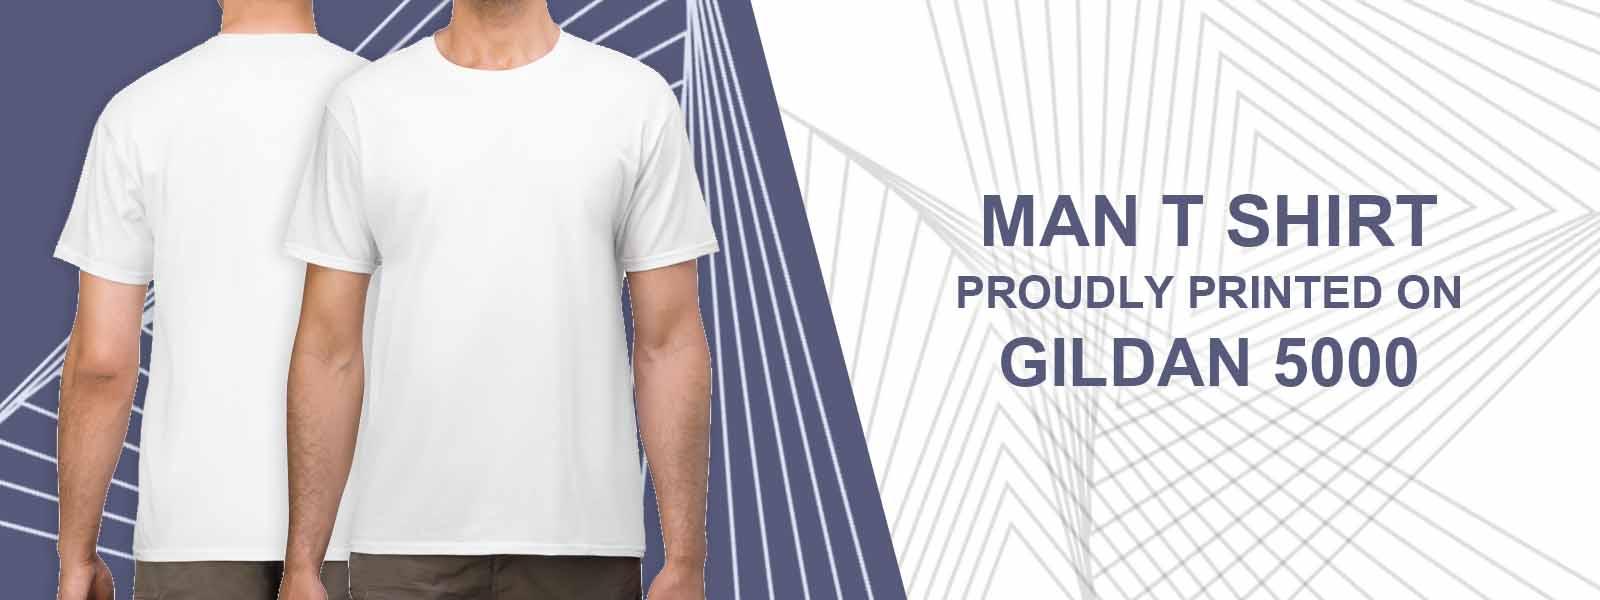 teespedia-banner-men-shirt-category.jpg